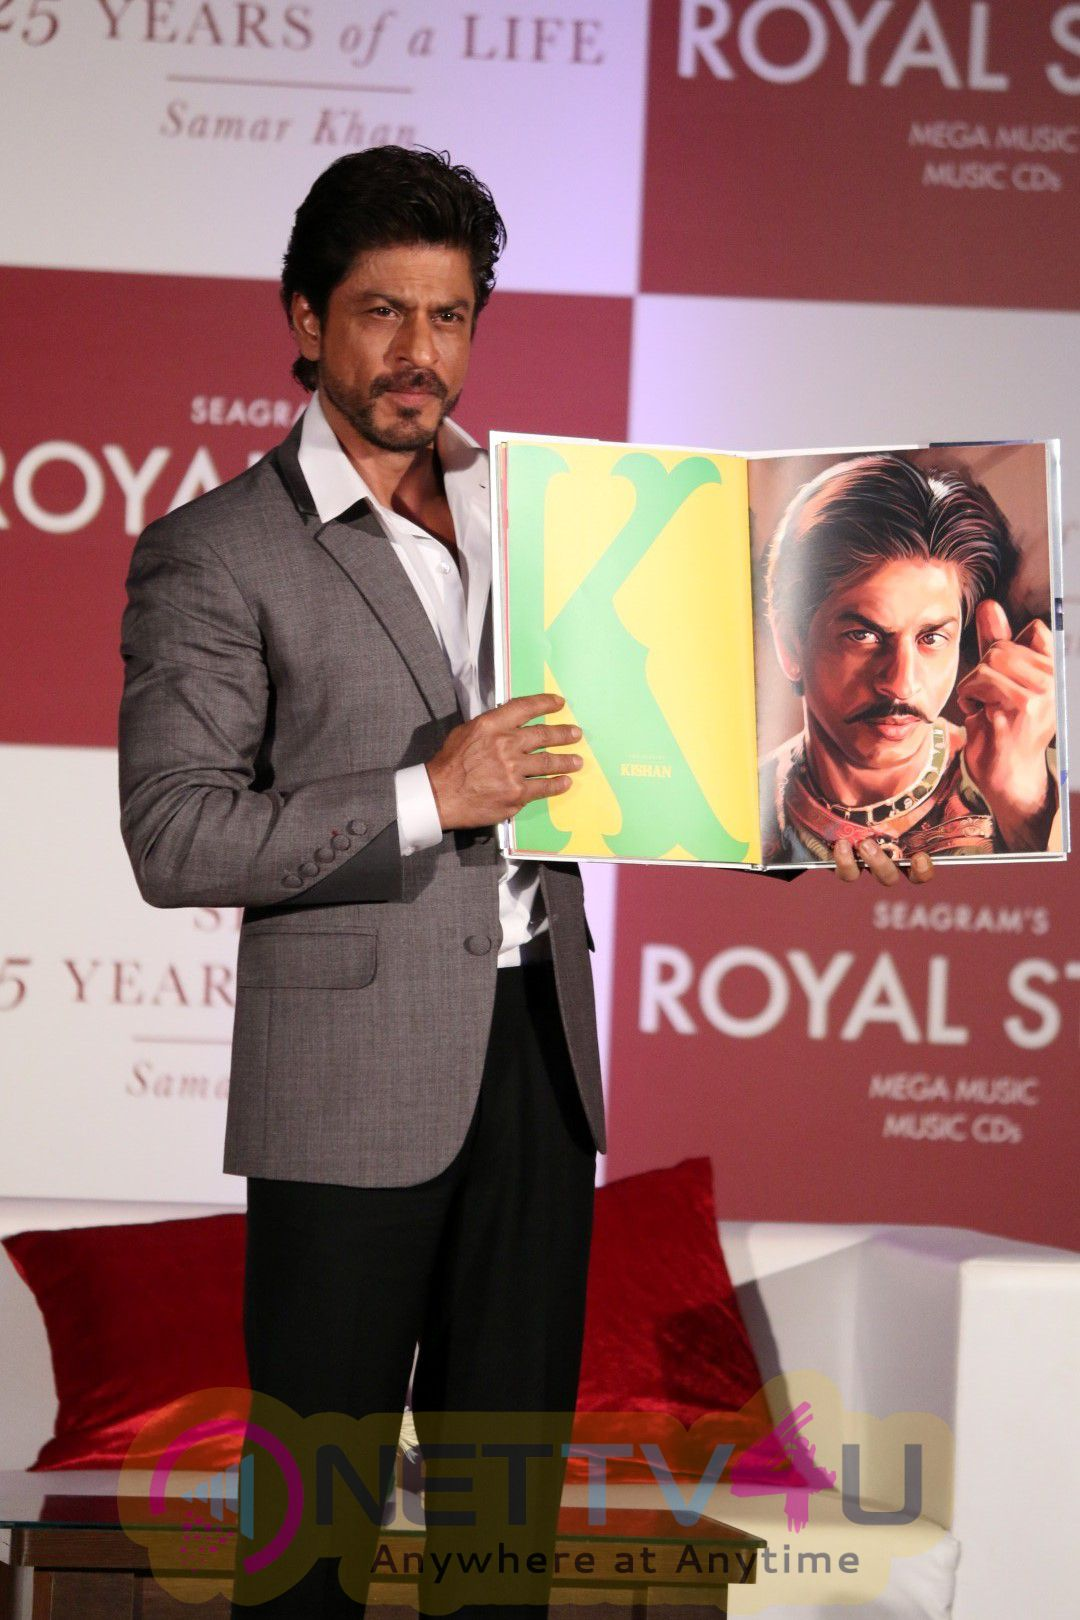 Shahrukh Khan Book Launch 25yrs Of A Life Gorgeous Photos